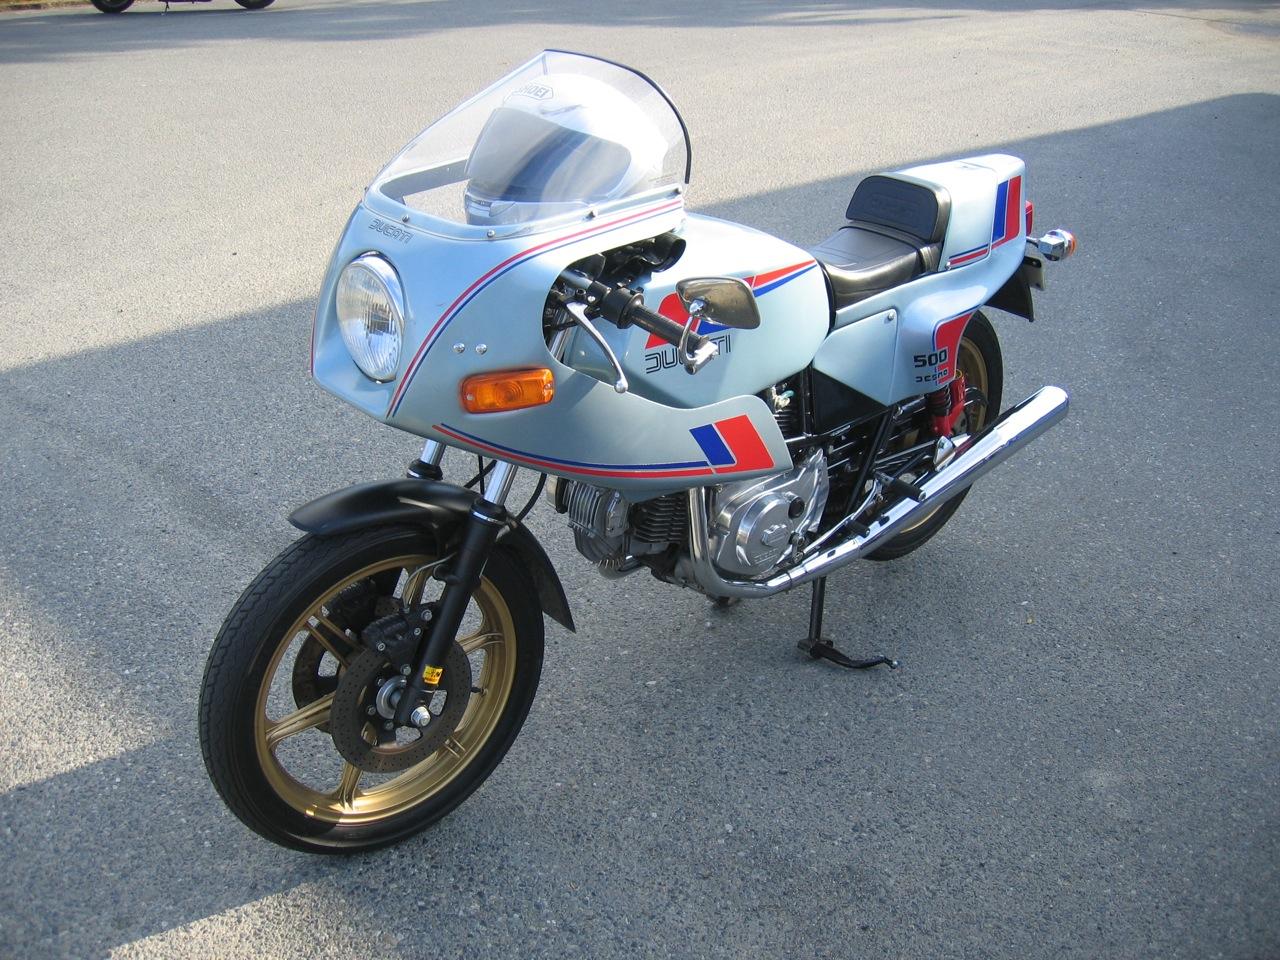 File:Ducati 500 Pantah.jpg - Wikimedia Commons